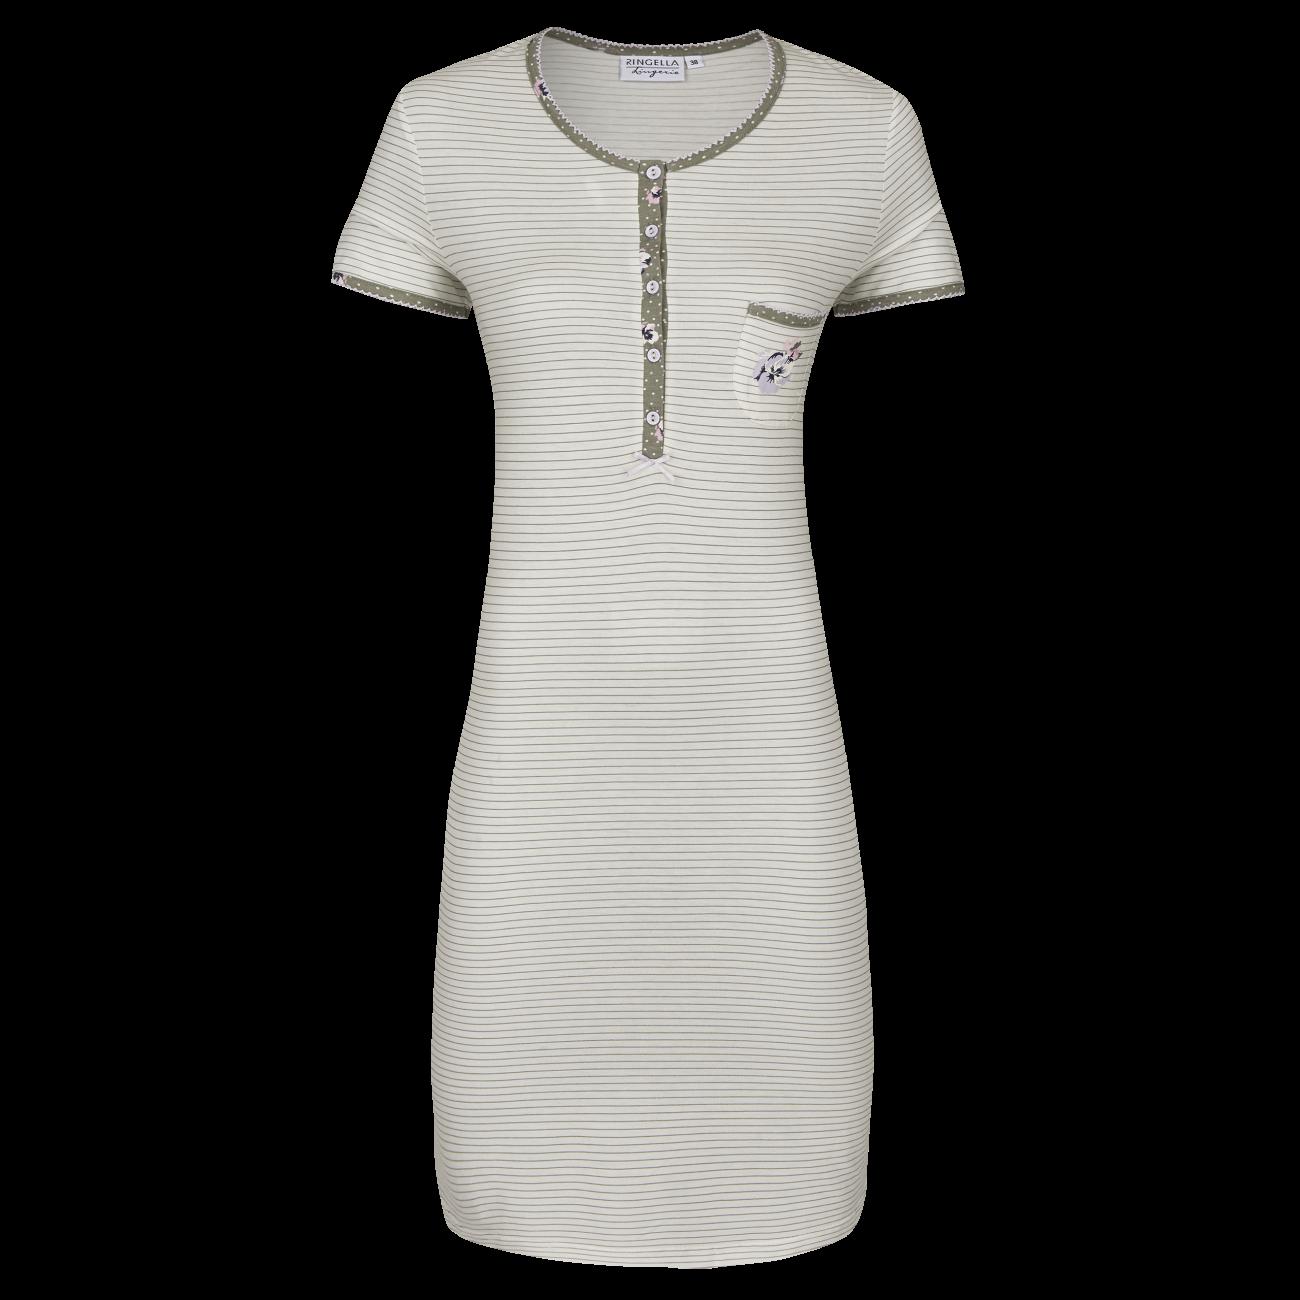 *Nachthemd mit Knopfleiste off-white | 40